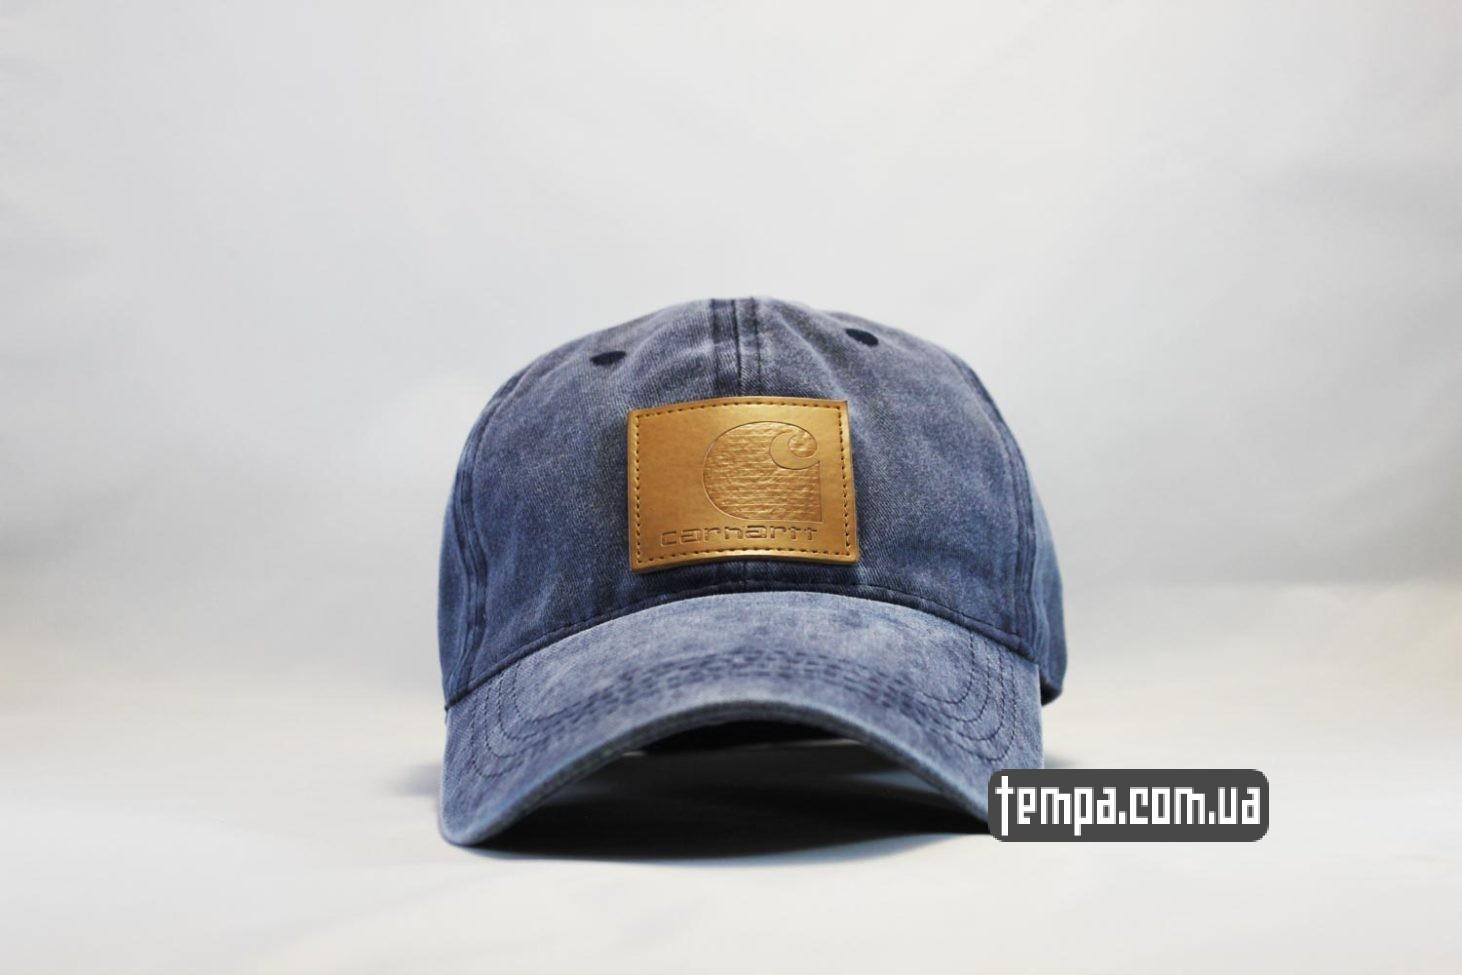 кепка Carhartt бейсболка джинсовая синяя купить